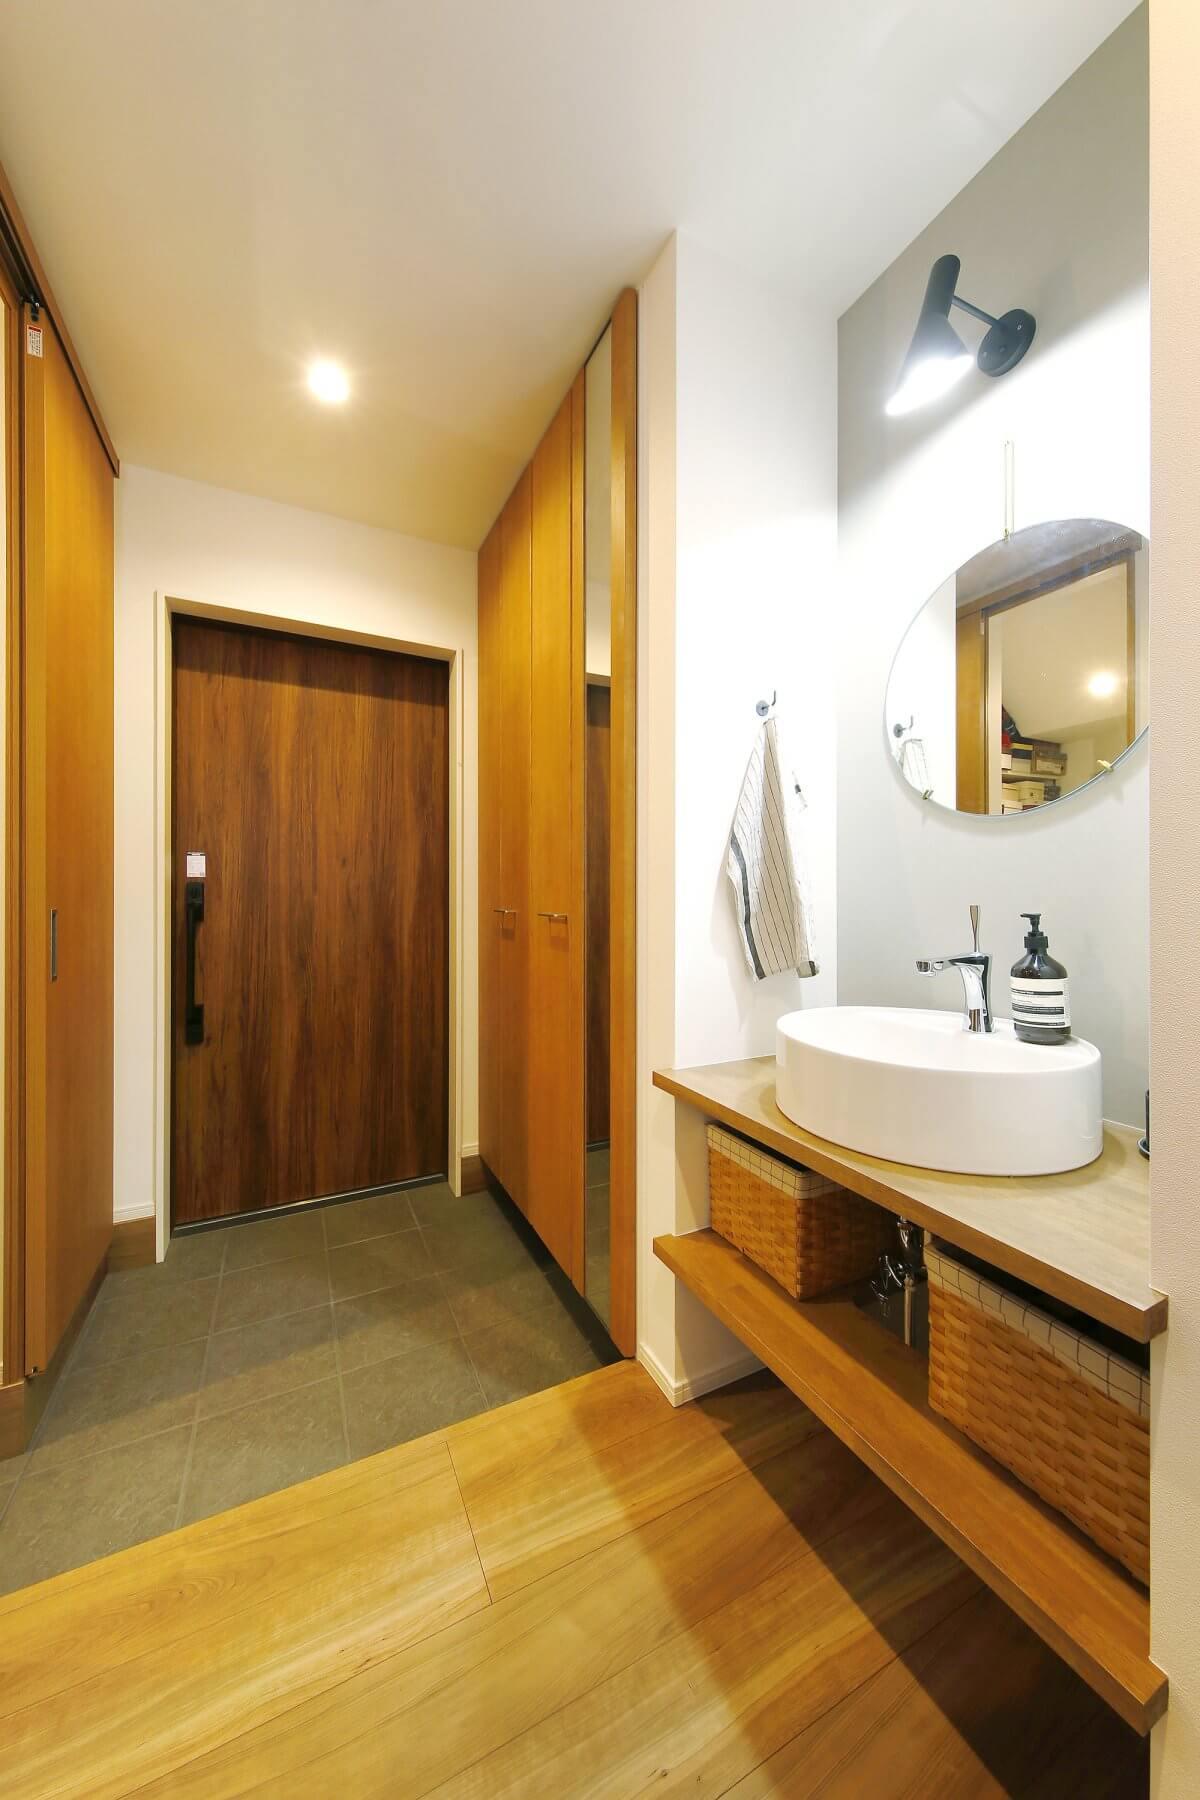 洗面スペースは、玄関ホールを兼ねる場所に設けたため、帰宅後にすぐに手が洗えて衛生的。スペースを無駄なく活用するプランです。